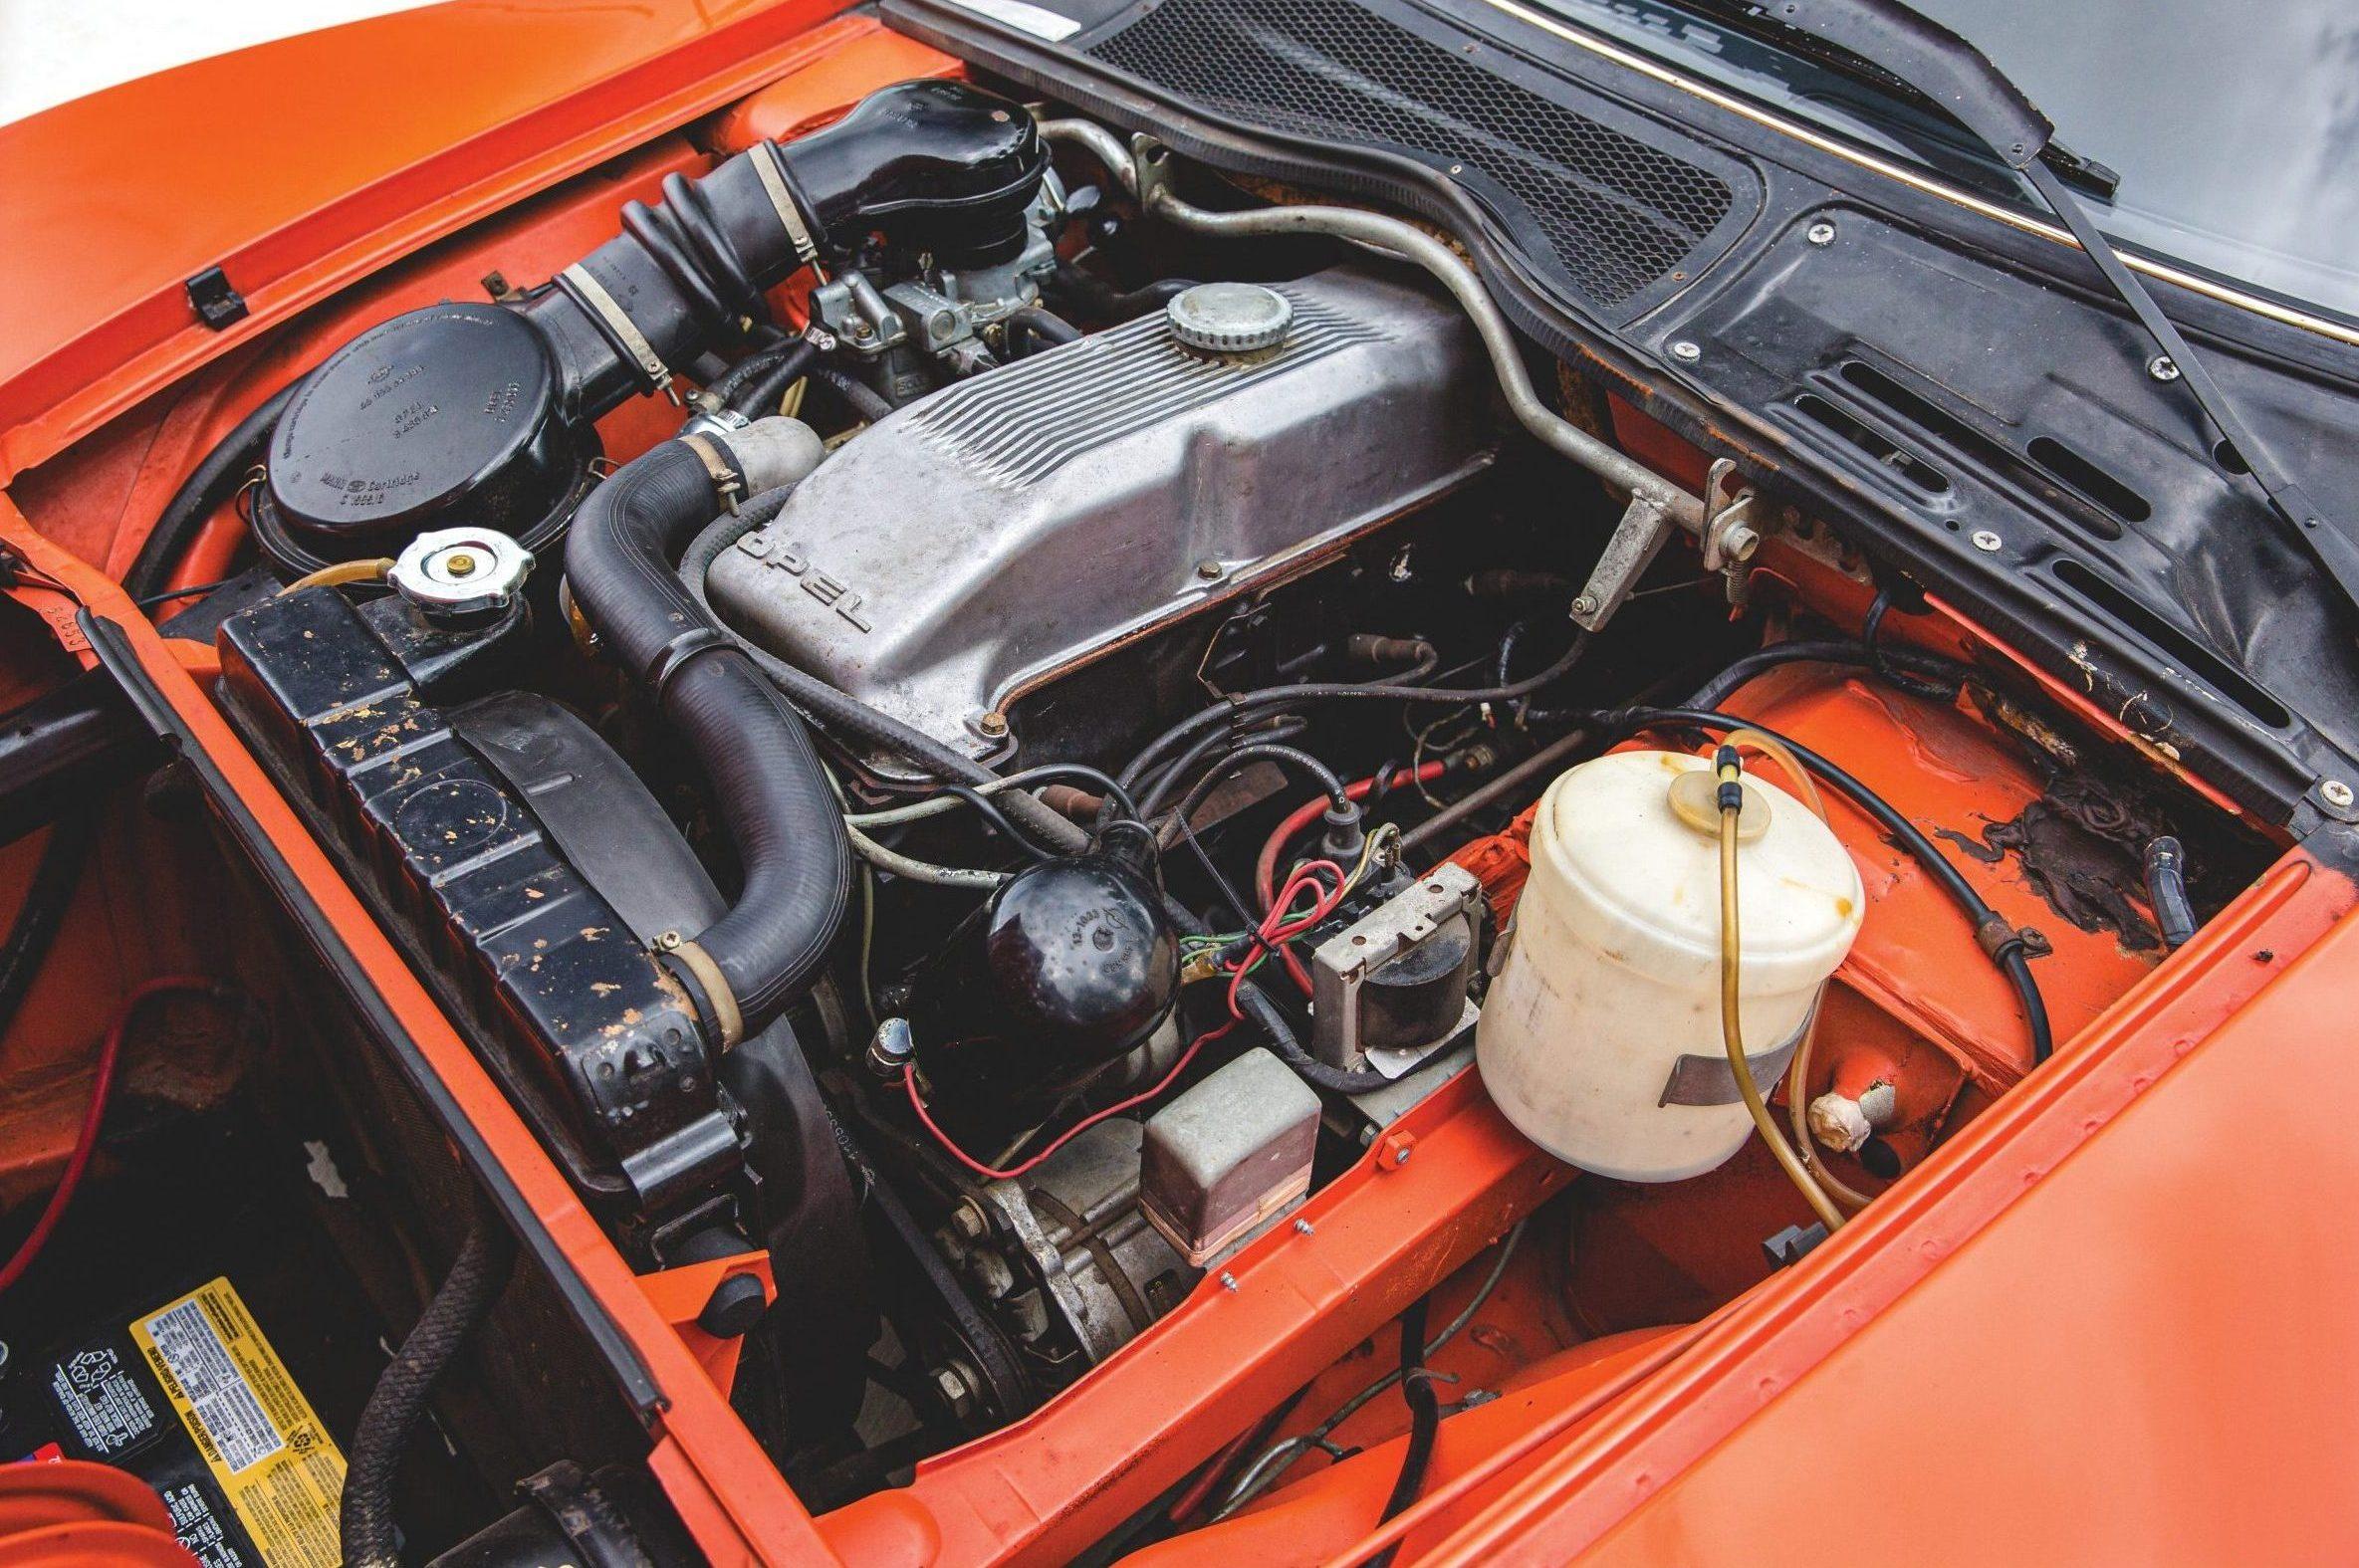 1973 Opel GT engine